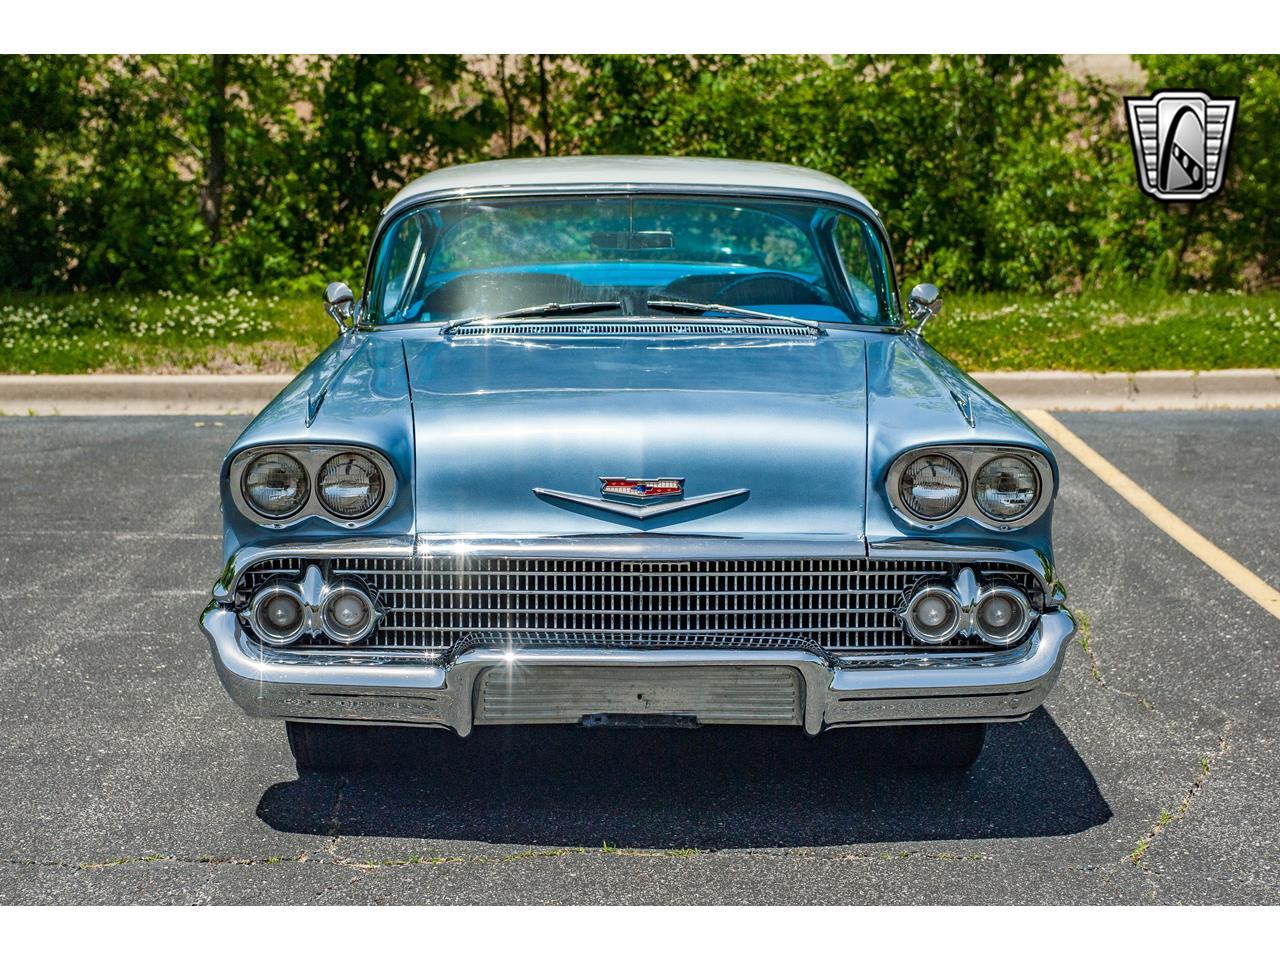 Large Picture of Classic 1958 Impala - $62,000.00 - QB9Q